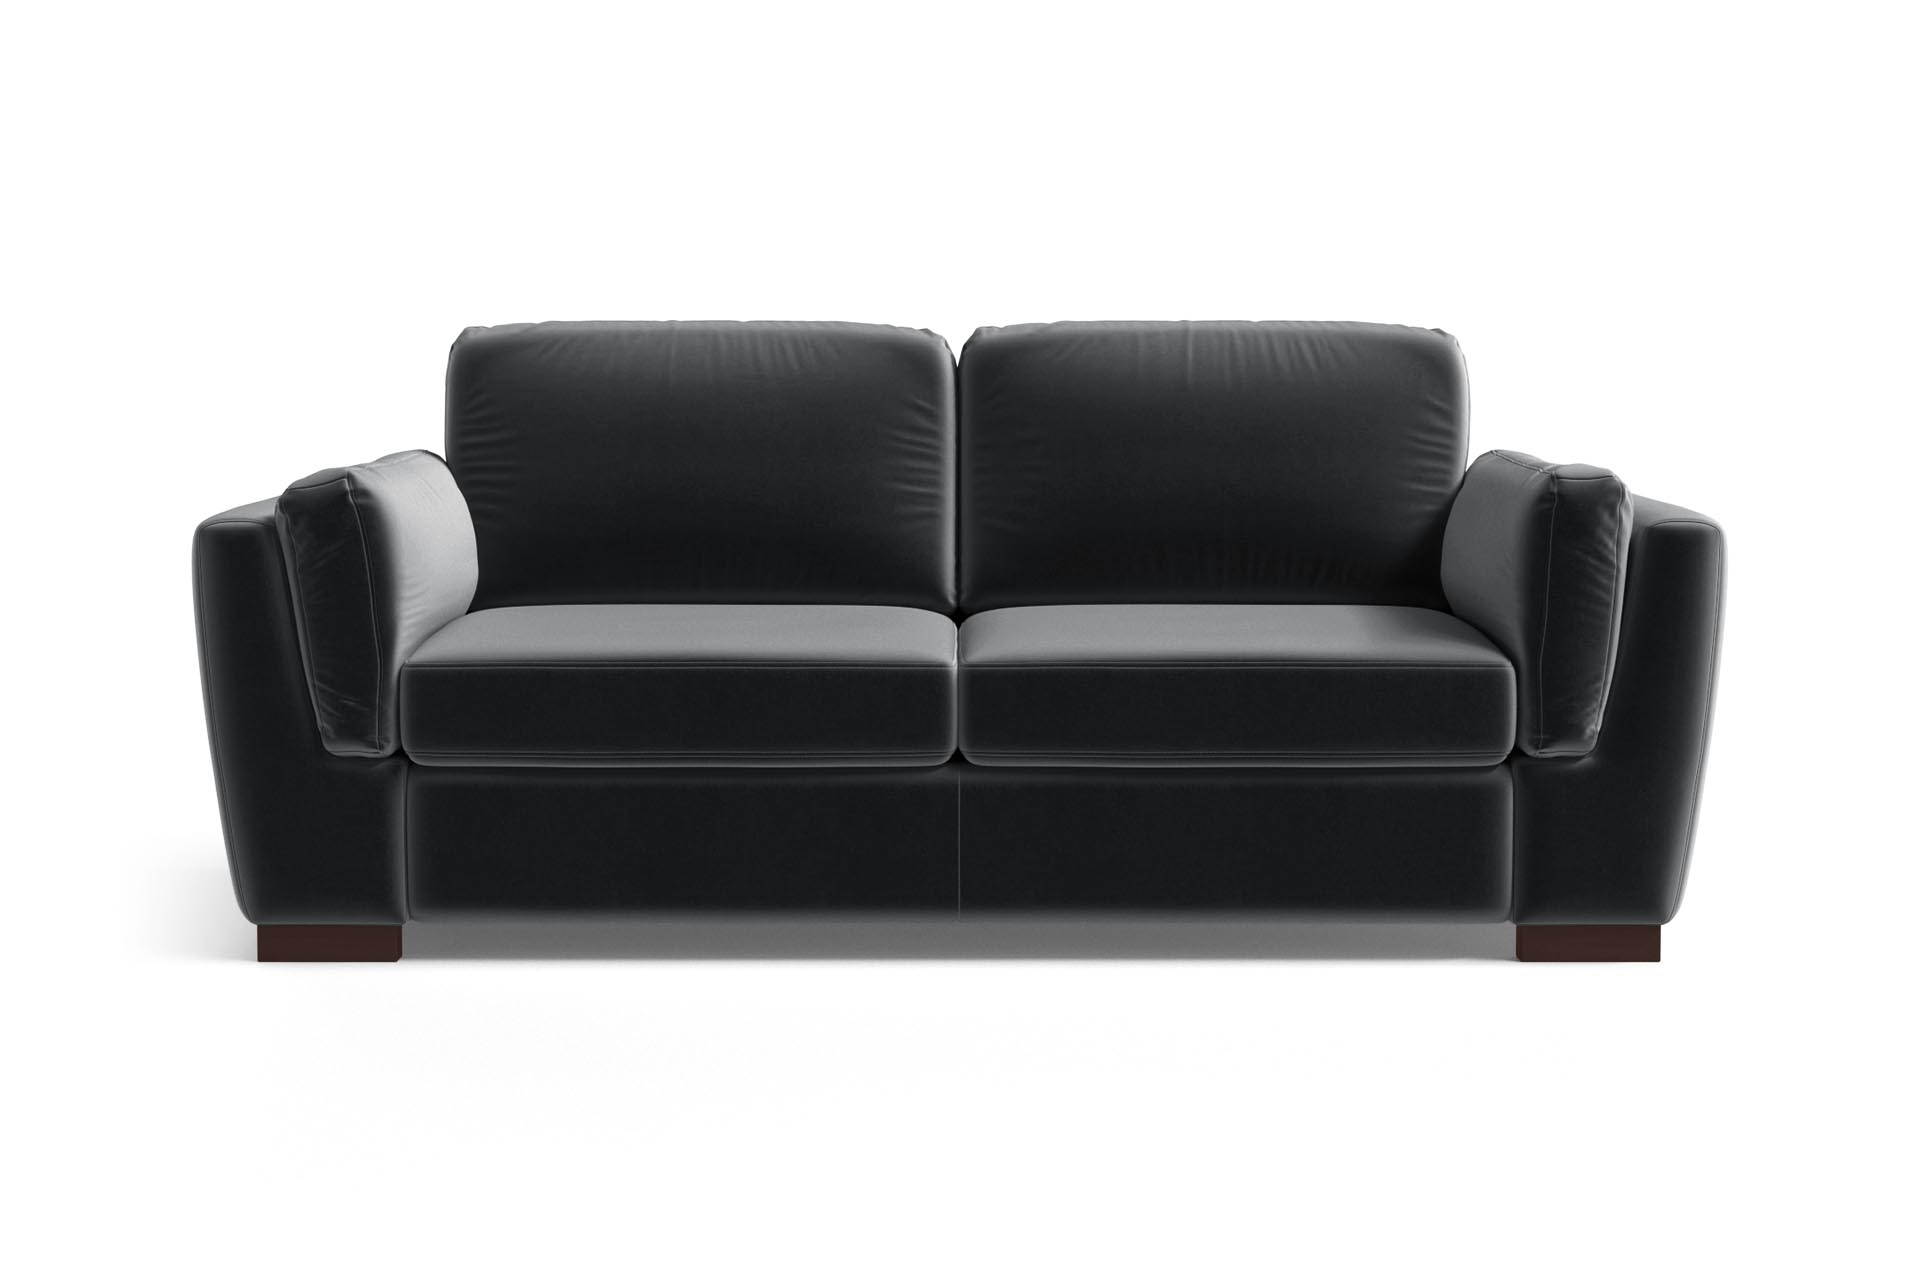 Canapé 2 places en velours anthracite